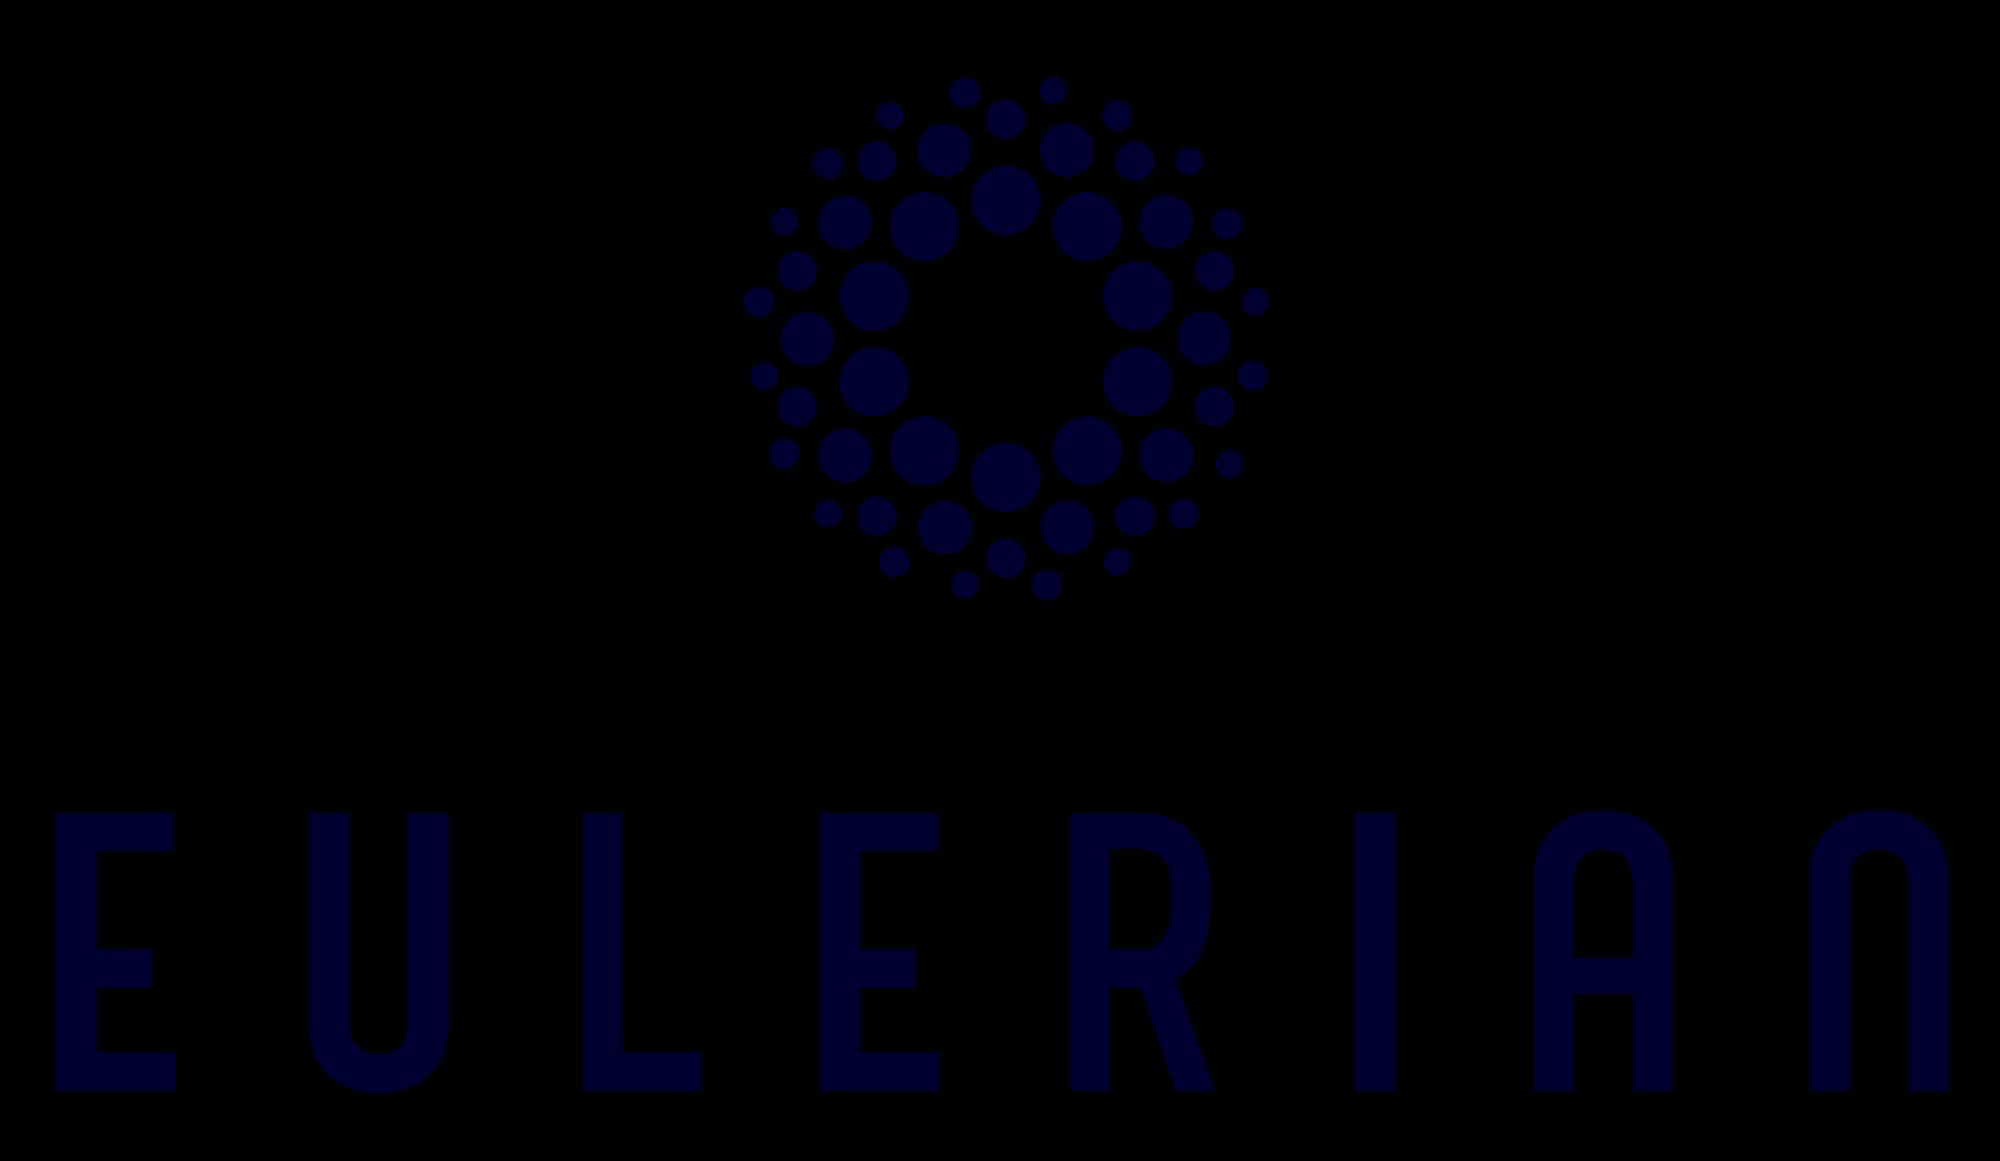 Logo%20eulerian%20blue%20%281%29